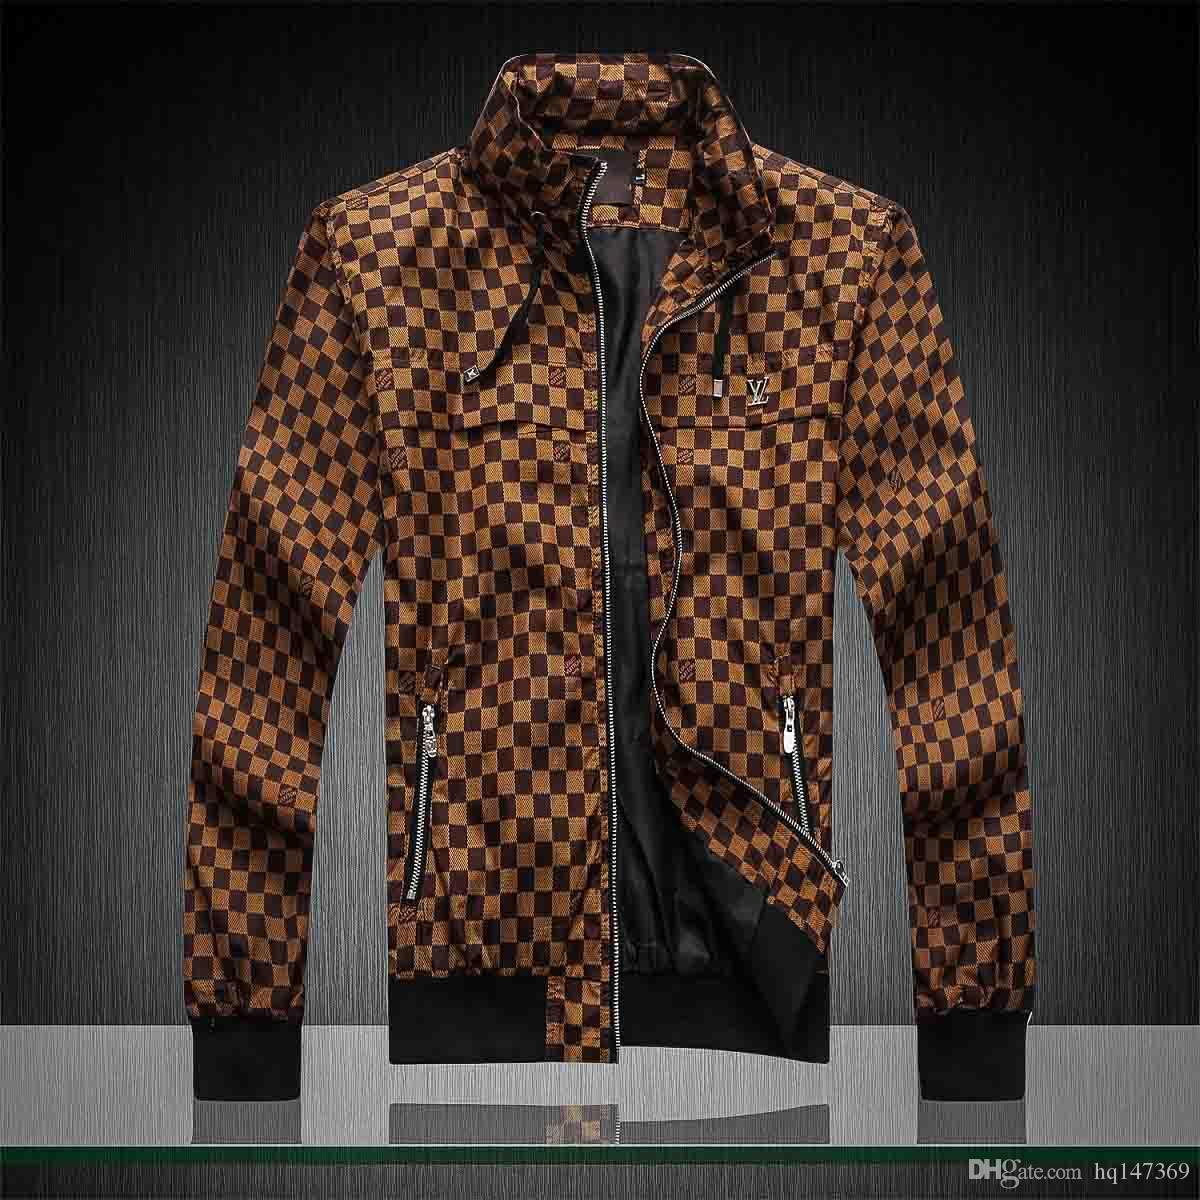 2020 New Style Designer uomini giacca invernale di lusso del cappotto di usura donne degli uomini a maniche lunghe Outdoor Uomo Abbigliamento Donna Abbigliamento medusa Jacket M-3XL